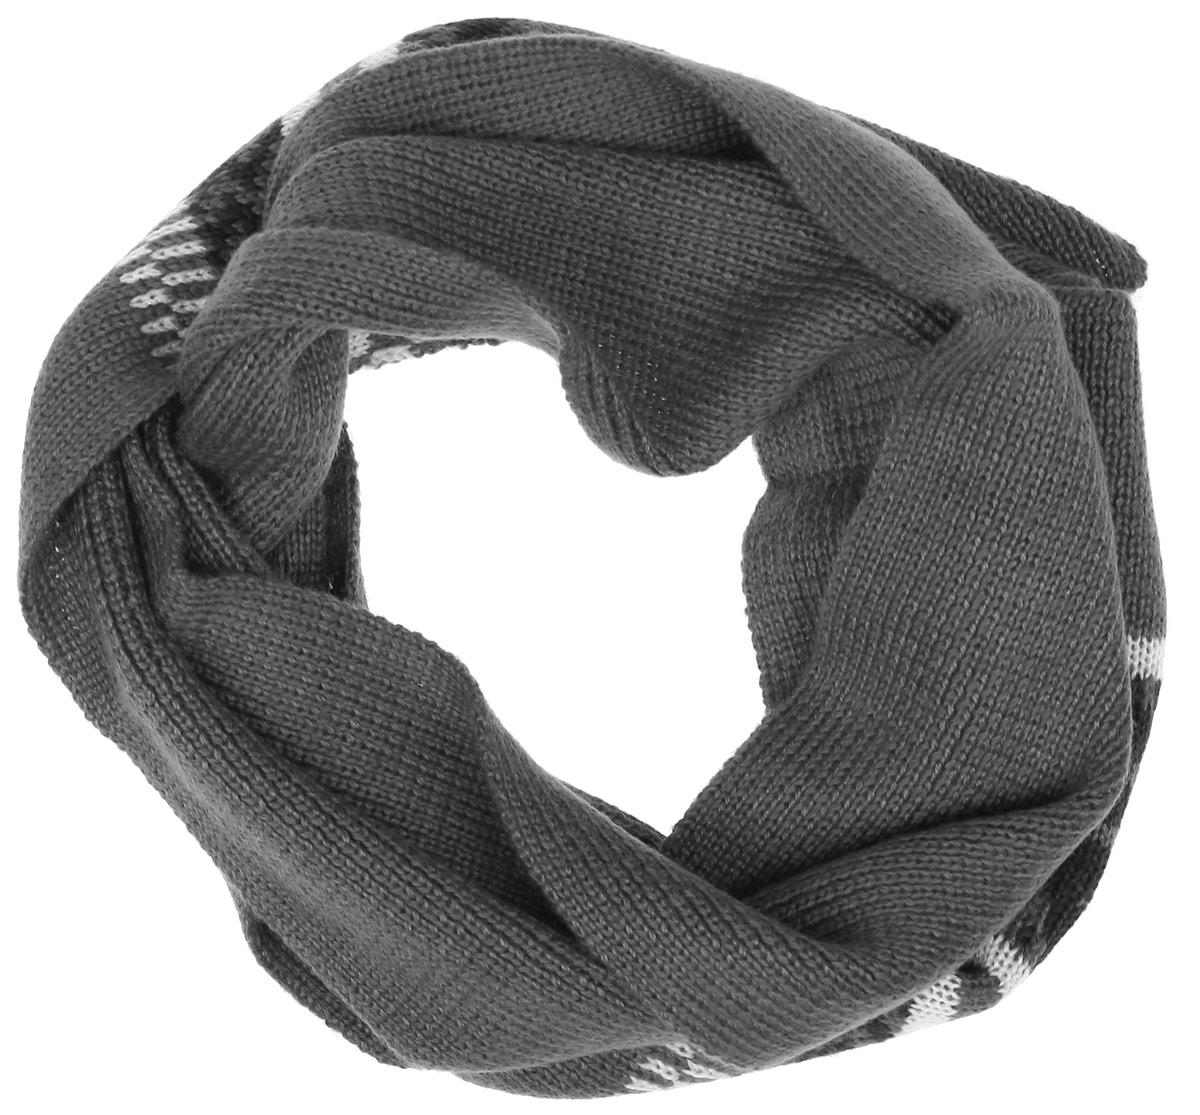 SC-842/054AG-6404Теплый трикотажный шарф для мальчика Sela защитит вашего ребенка от сильного ветра и холода. Выполненный из акрила с добавлением шерсти, он мягкий и приятный на ощупь. Модель оформлена полосками и узорами. Такой шарф станет стильным предметом детского гардероба. В нем ваш ребенок будет чувствовать себя тепло, уютно и комфортно.